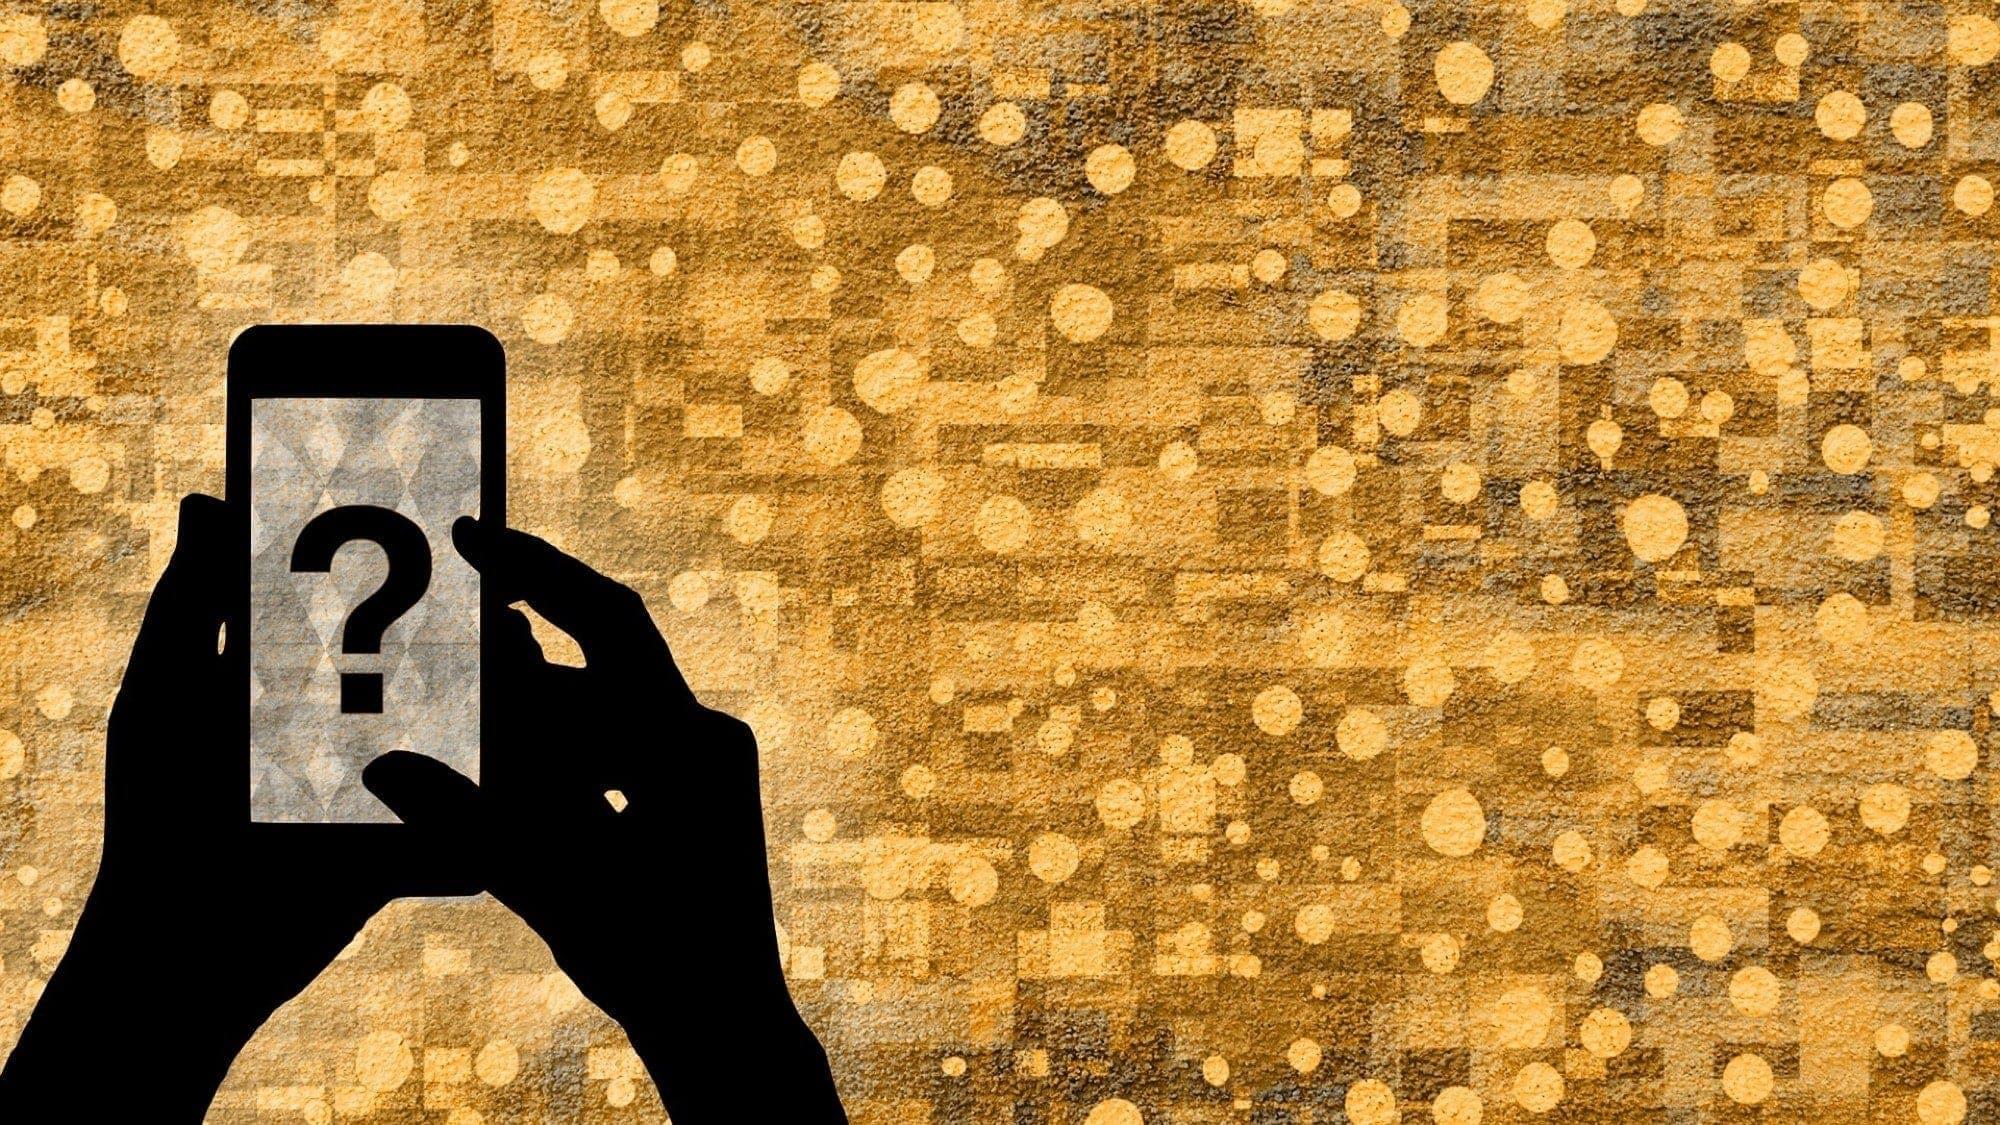 Wo ist iPhone Fragen - Pixabay